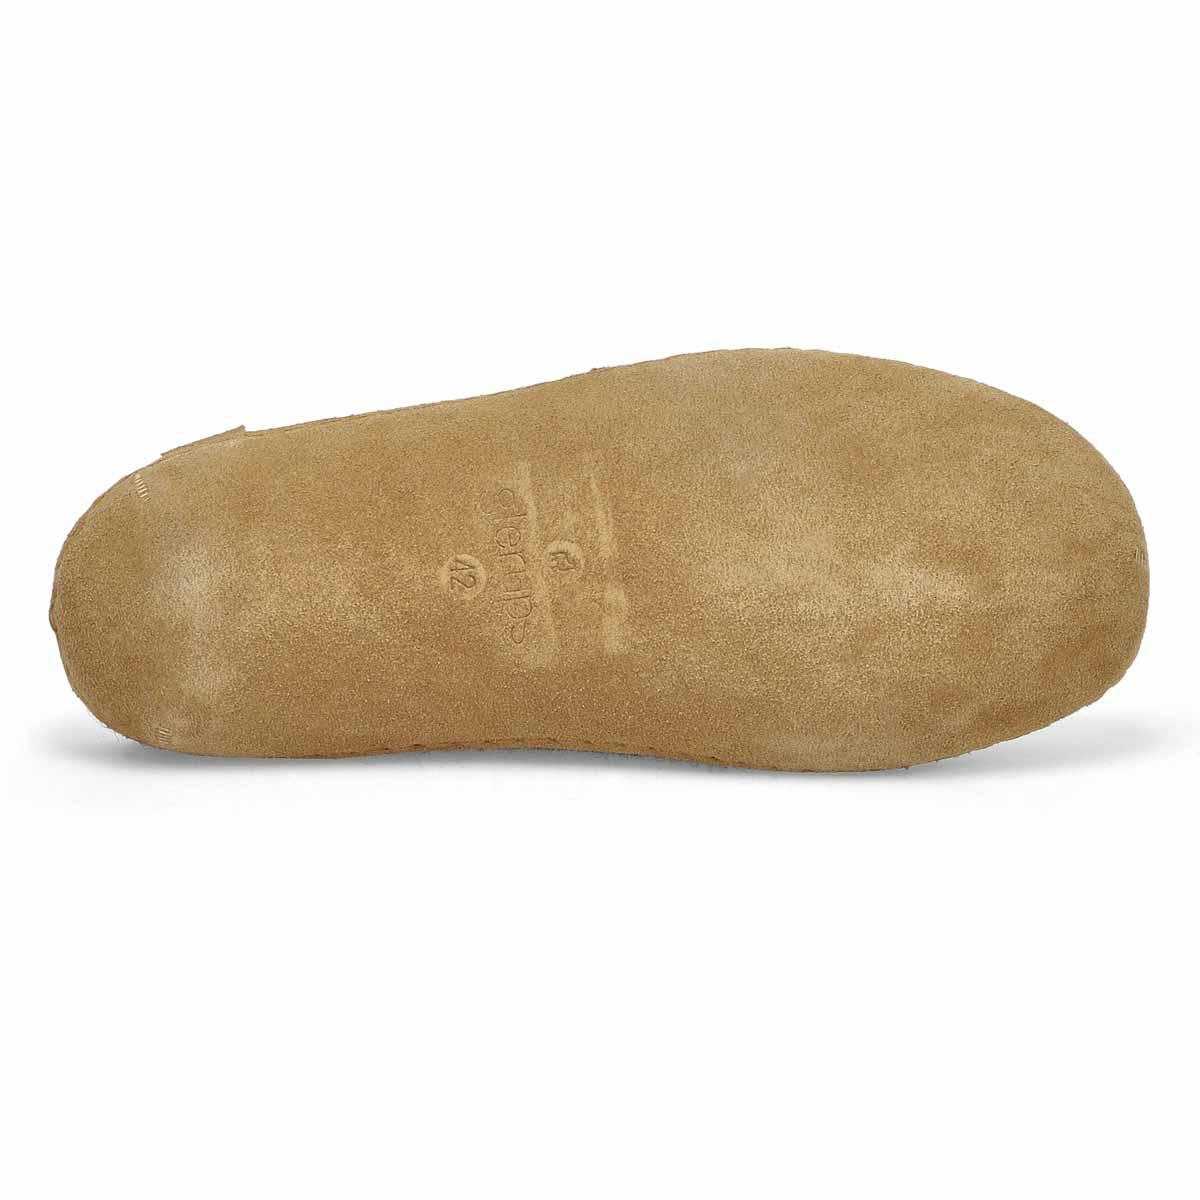 Mns Model B denim open back slippers